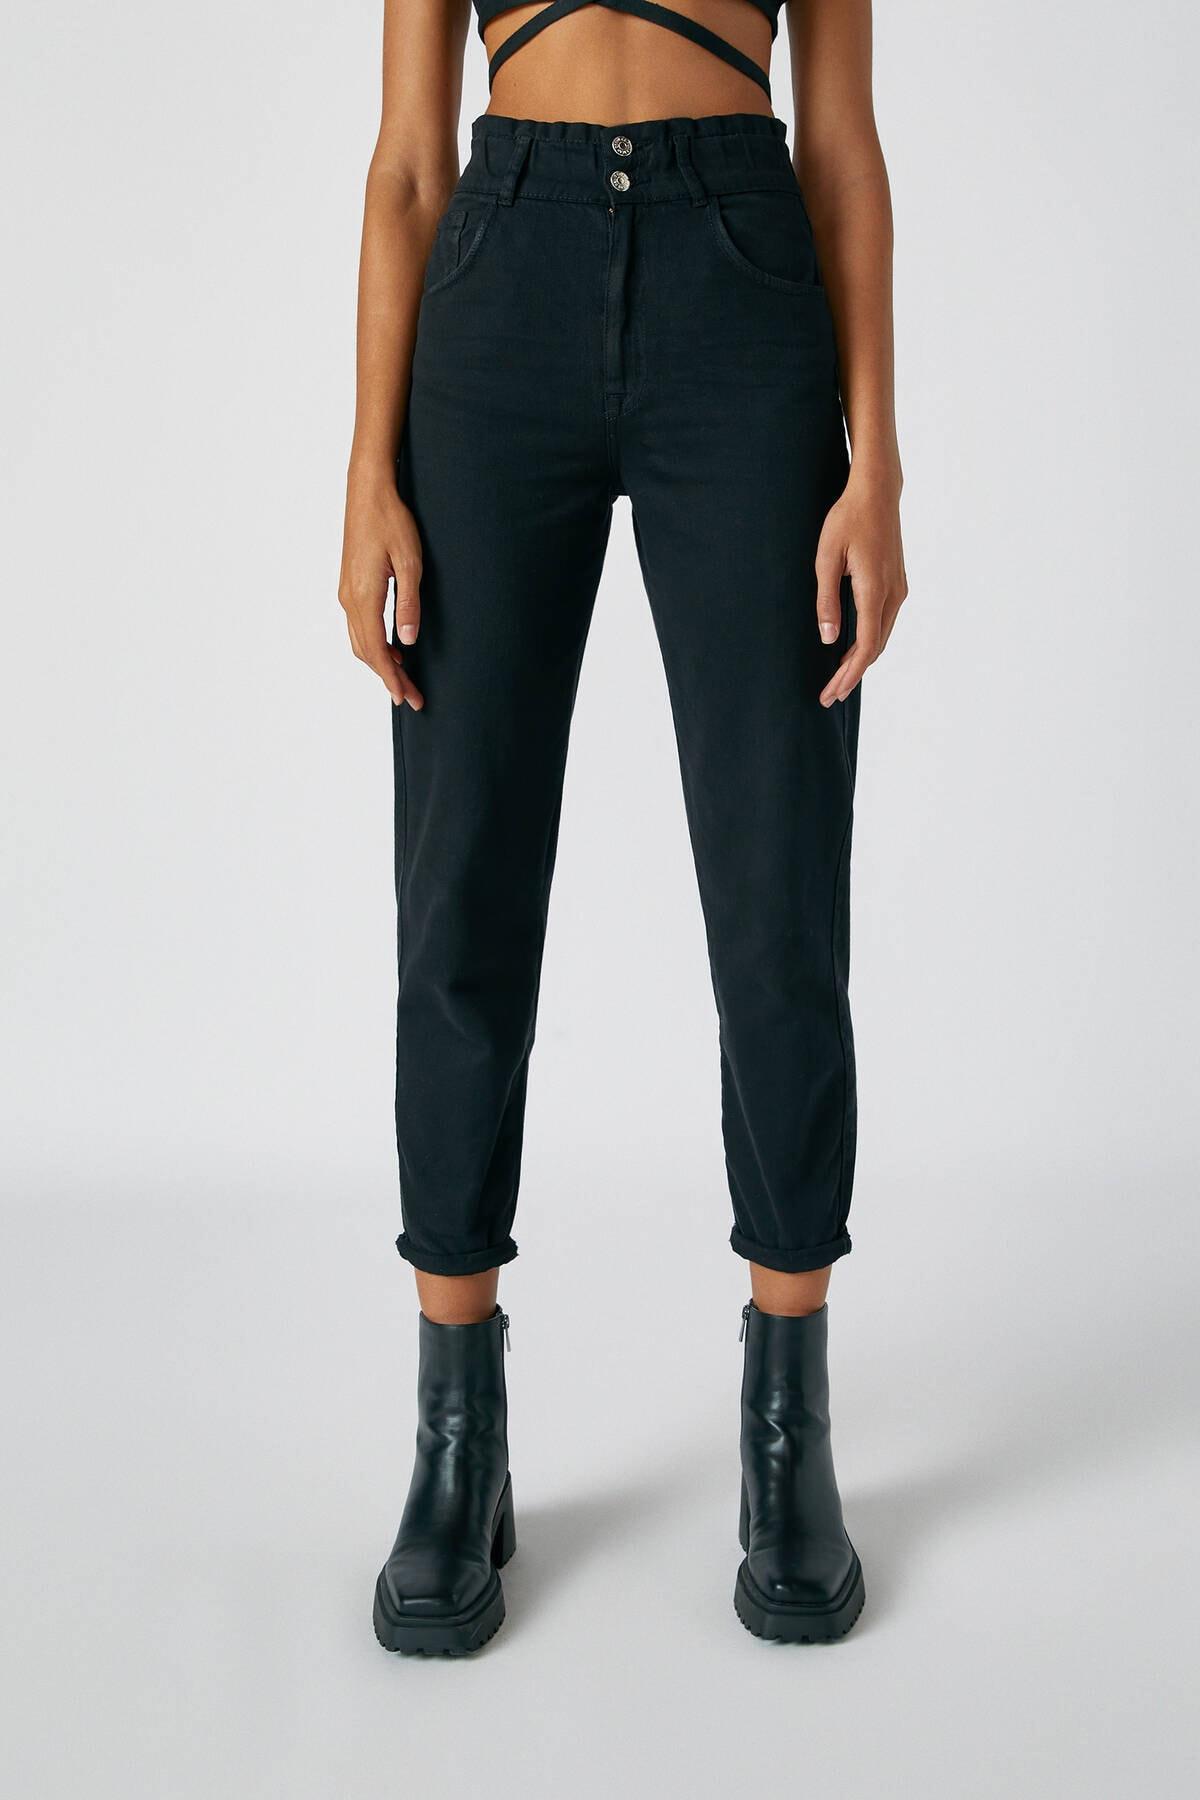 Pull & Bear Kadın Siyah Geniş Elastik Belli Slouchy Jean 05670342 1